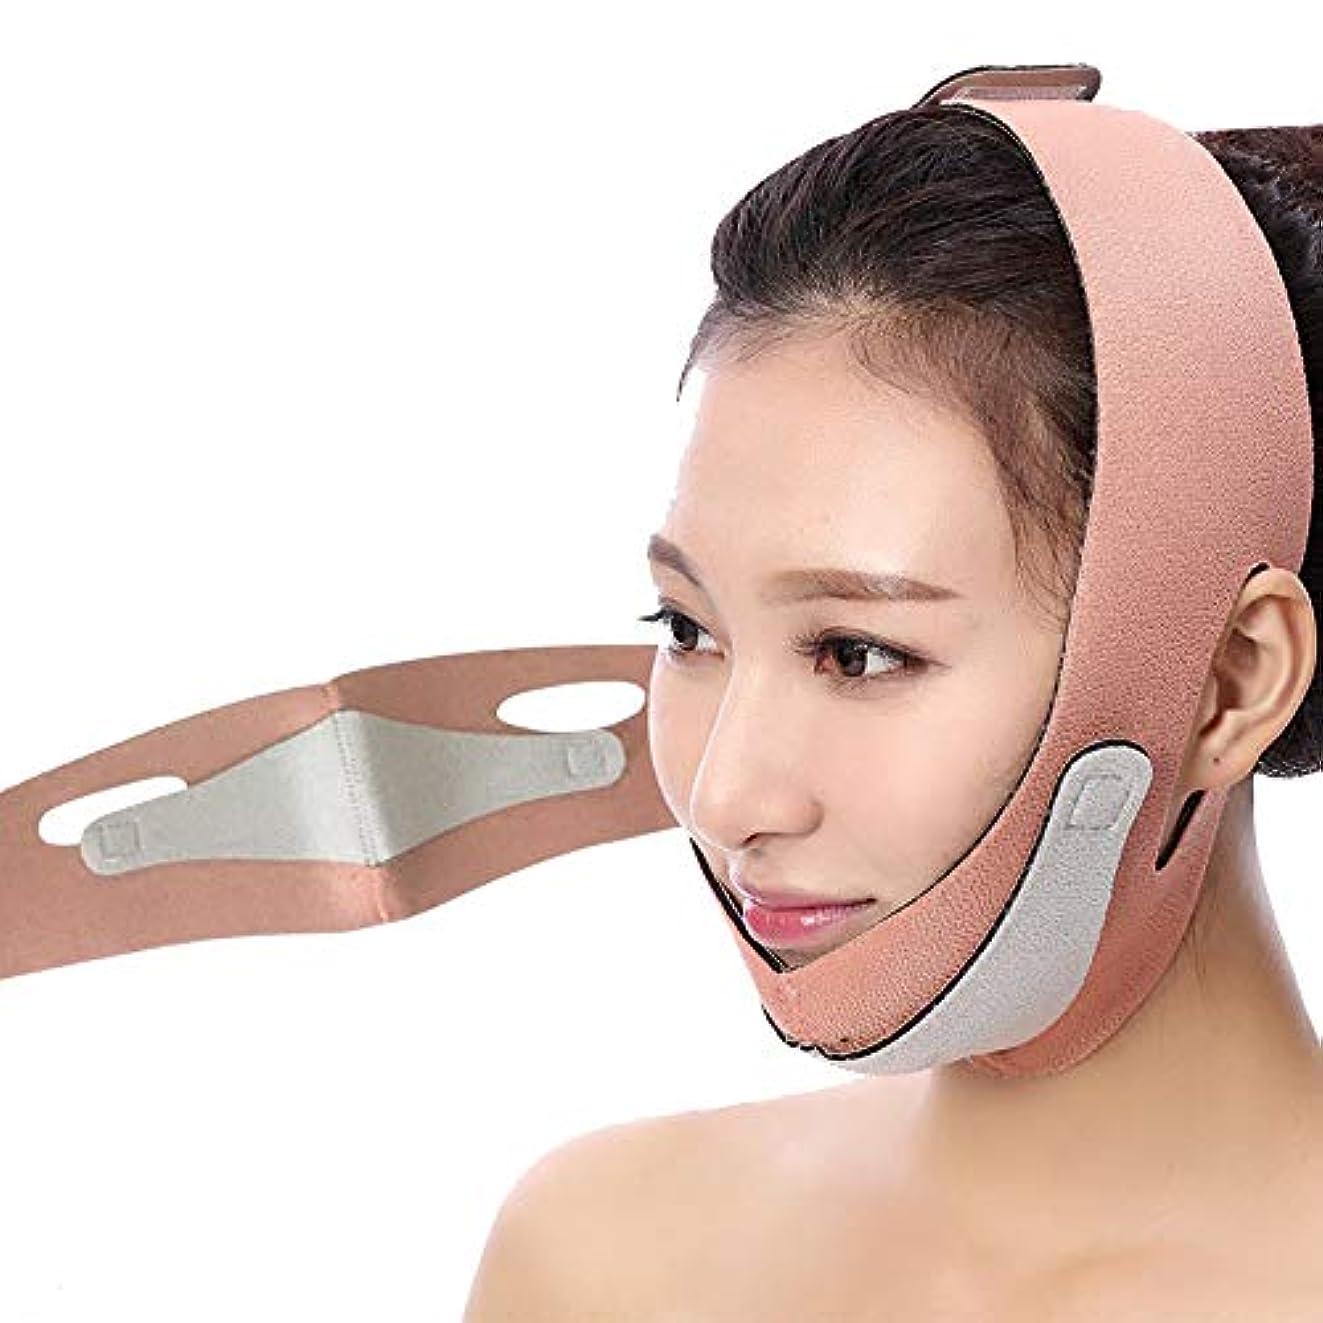 ステップモルヒネ間欠女性用フェイススリミングマスク、フェイスリフティングスリミングVフェイスマスク、Vフェイスラインベルトチンチークスリムリフトアップアンチリンクルマスク超薄型ストラップバンドVフェイスラインベルトストラップ通気性